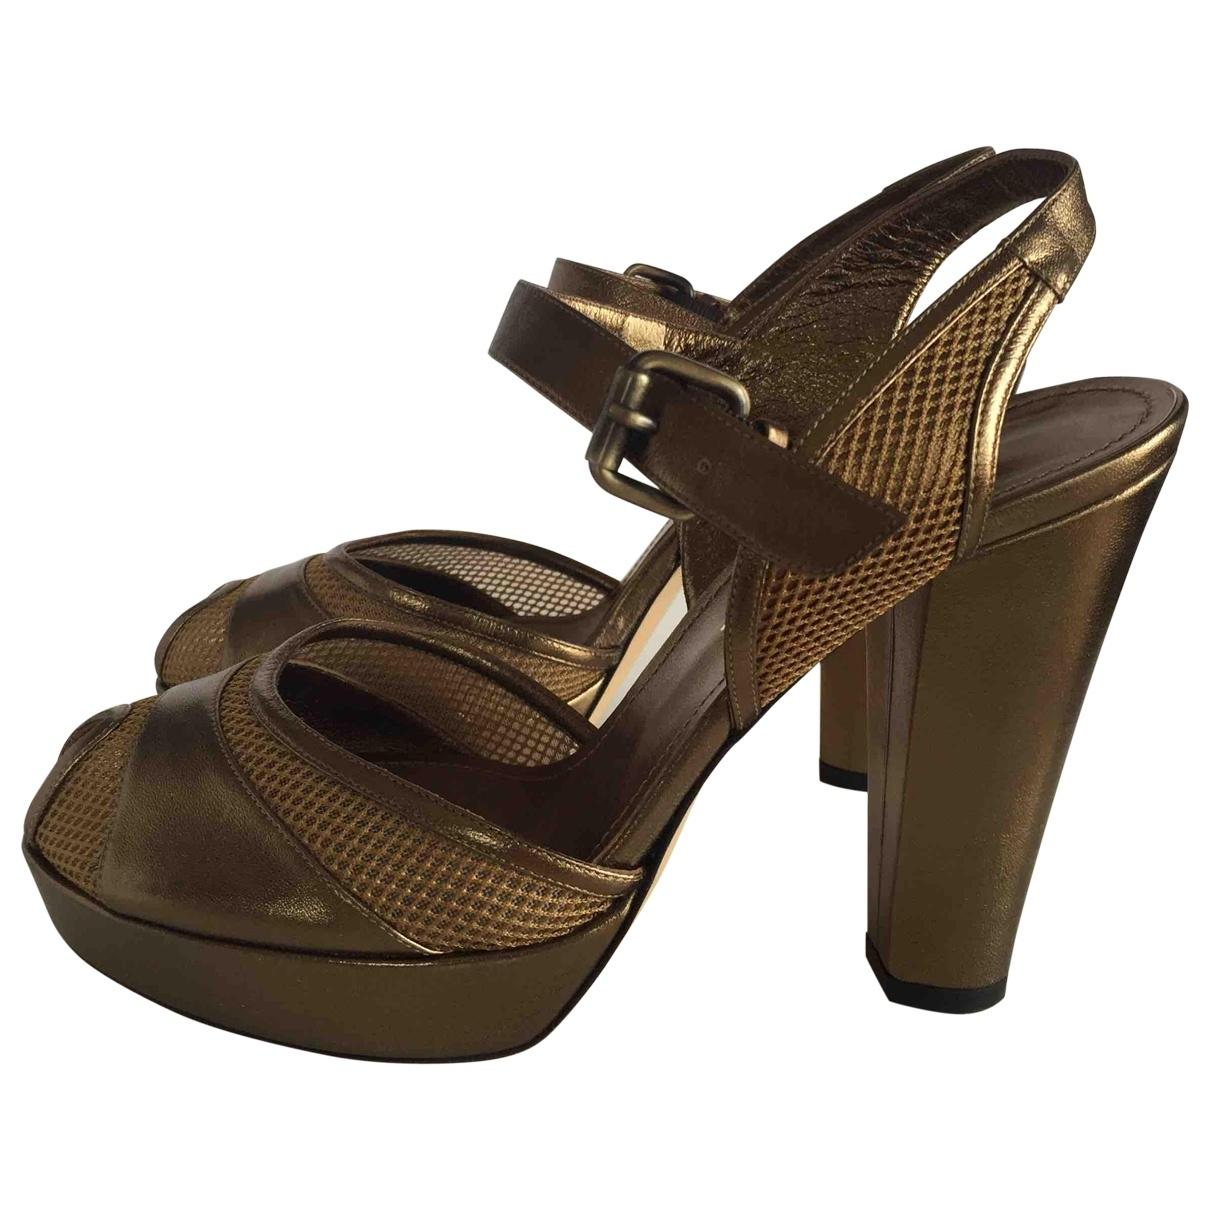 Sonia Rykiel - Sandales   pour femme en cuir